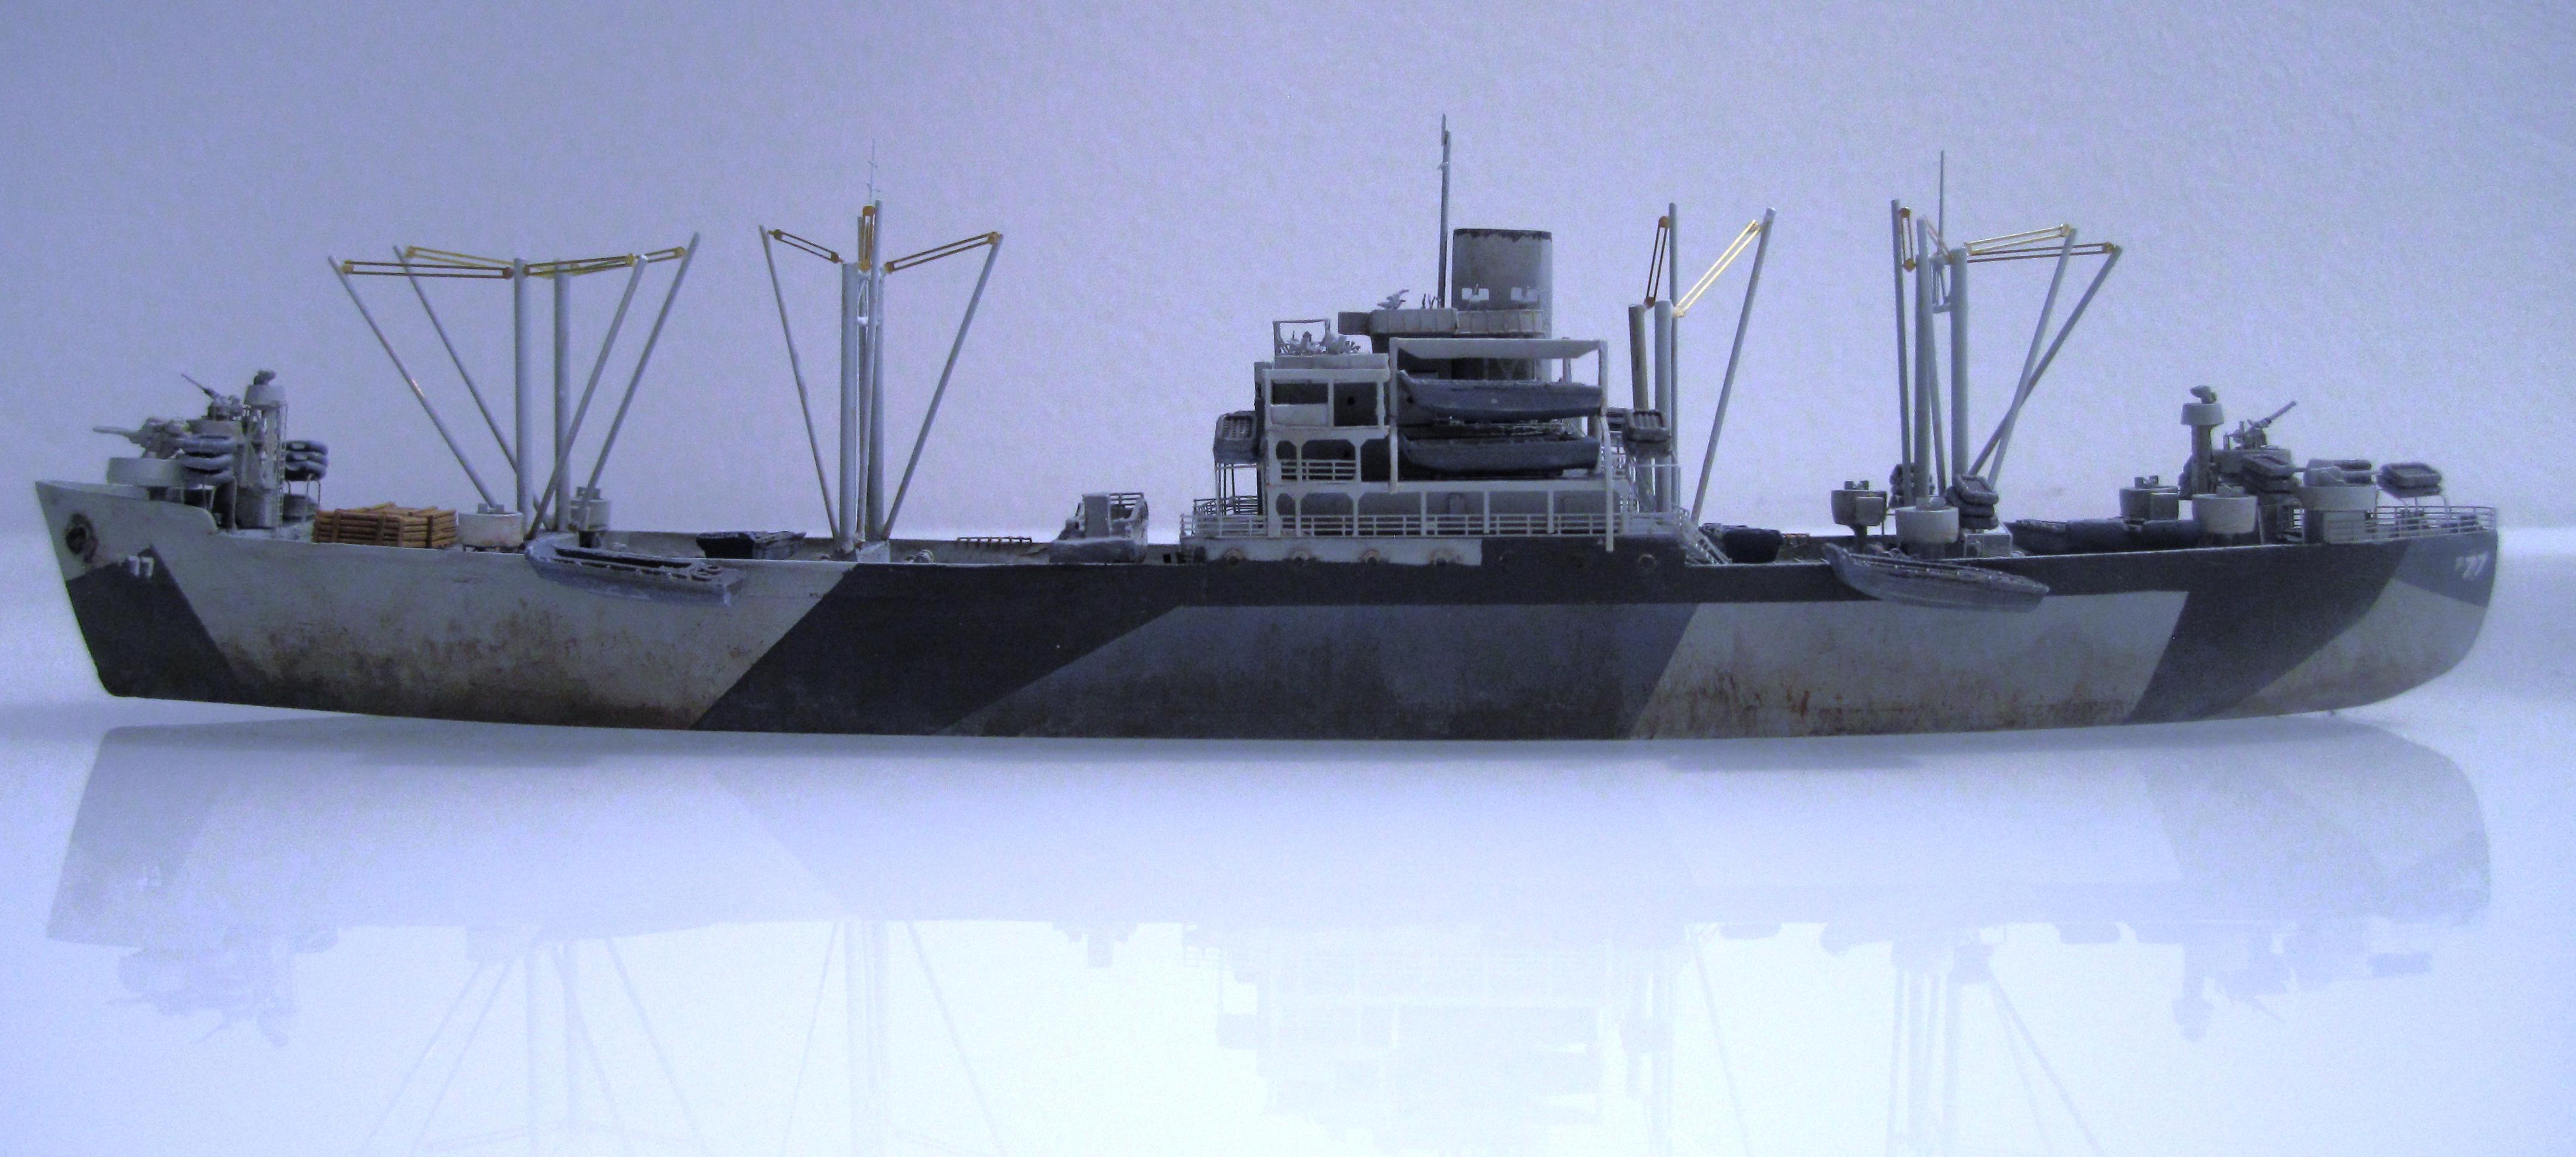 USS Thurston 1/700 à partir du kit Armerican scout de Loose cannon K3vbyMoc